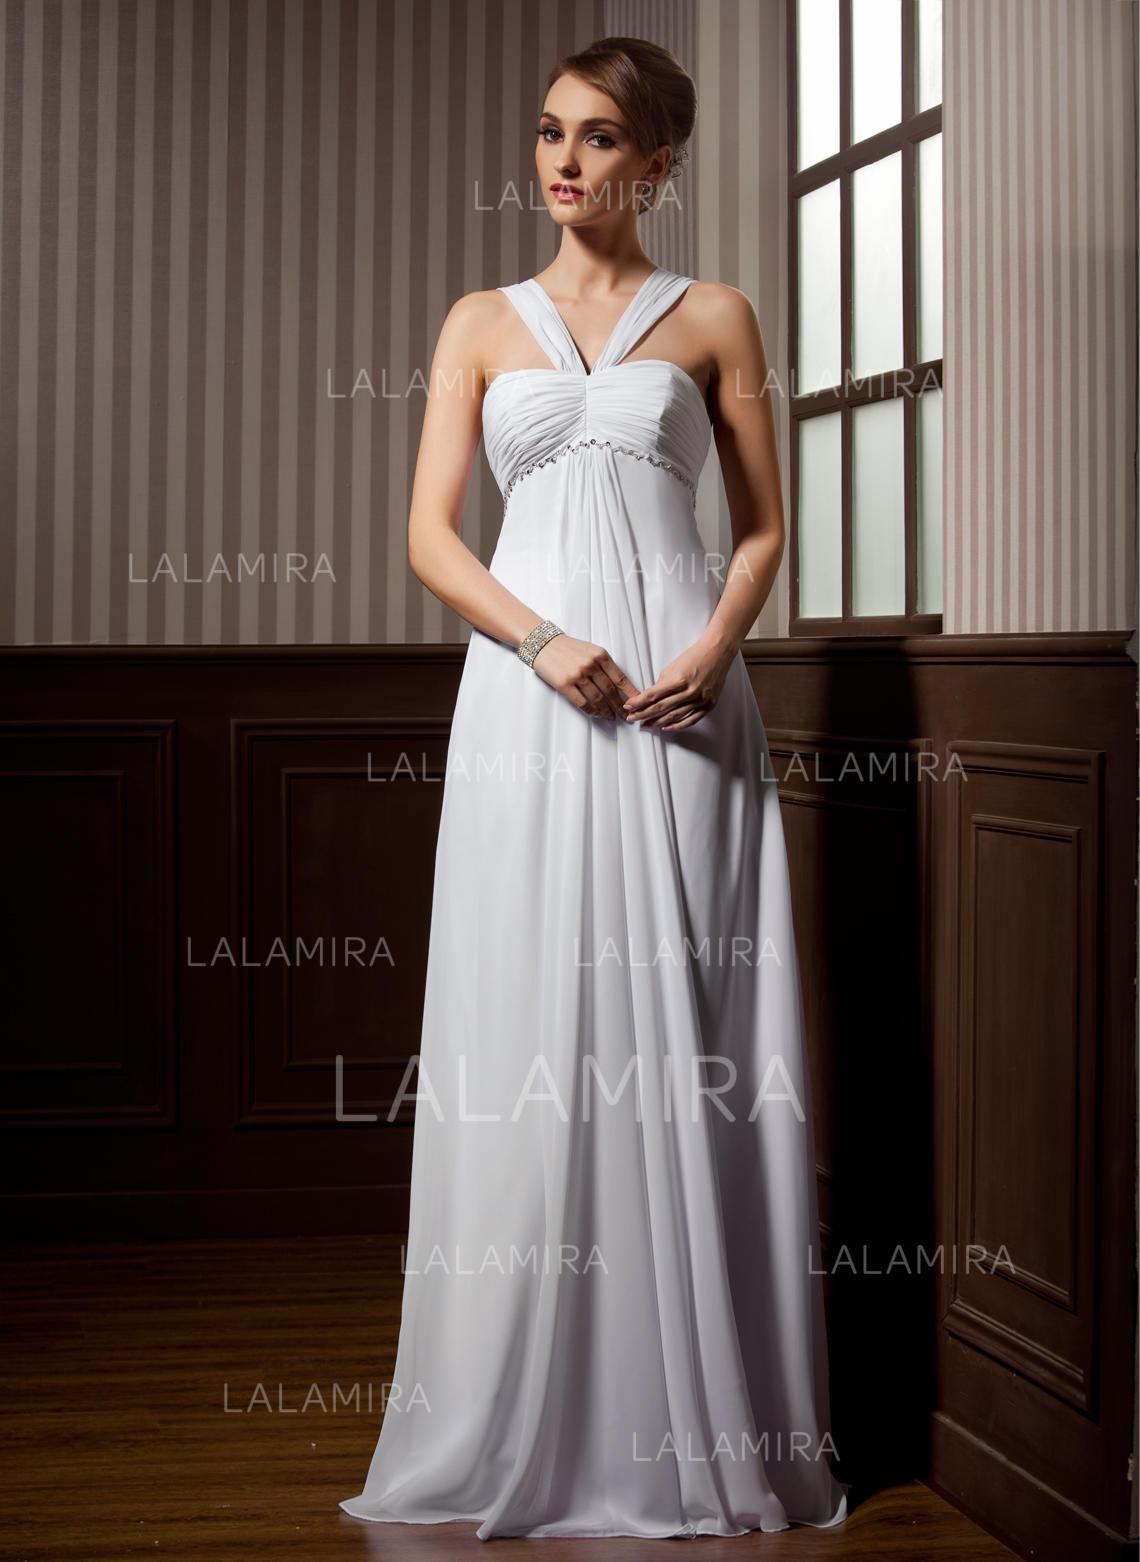 b05391eb842 Standard Grande taille Chérie Robe Empire - Mousseline de soie Robes de  mariée (002211257). Loading zoom